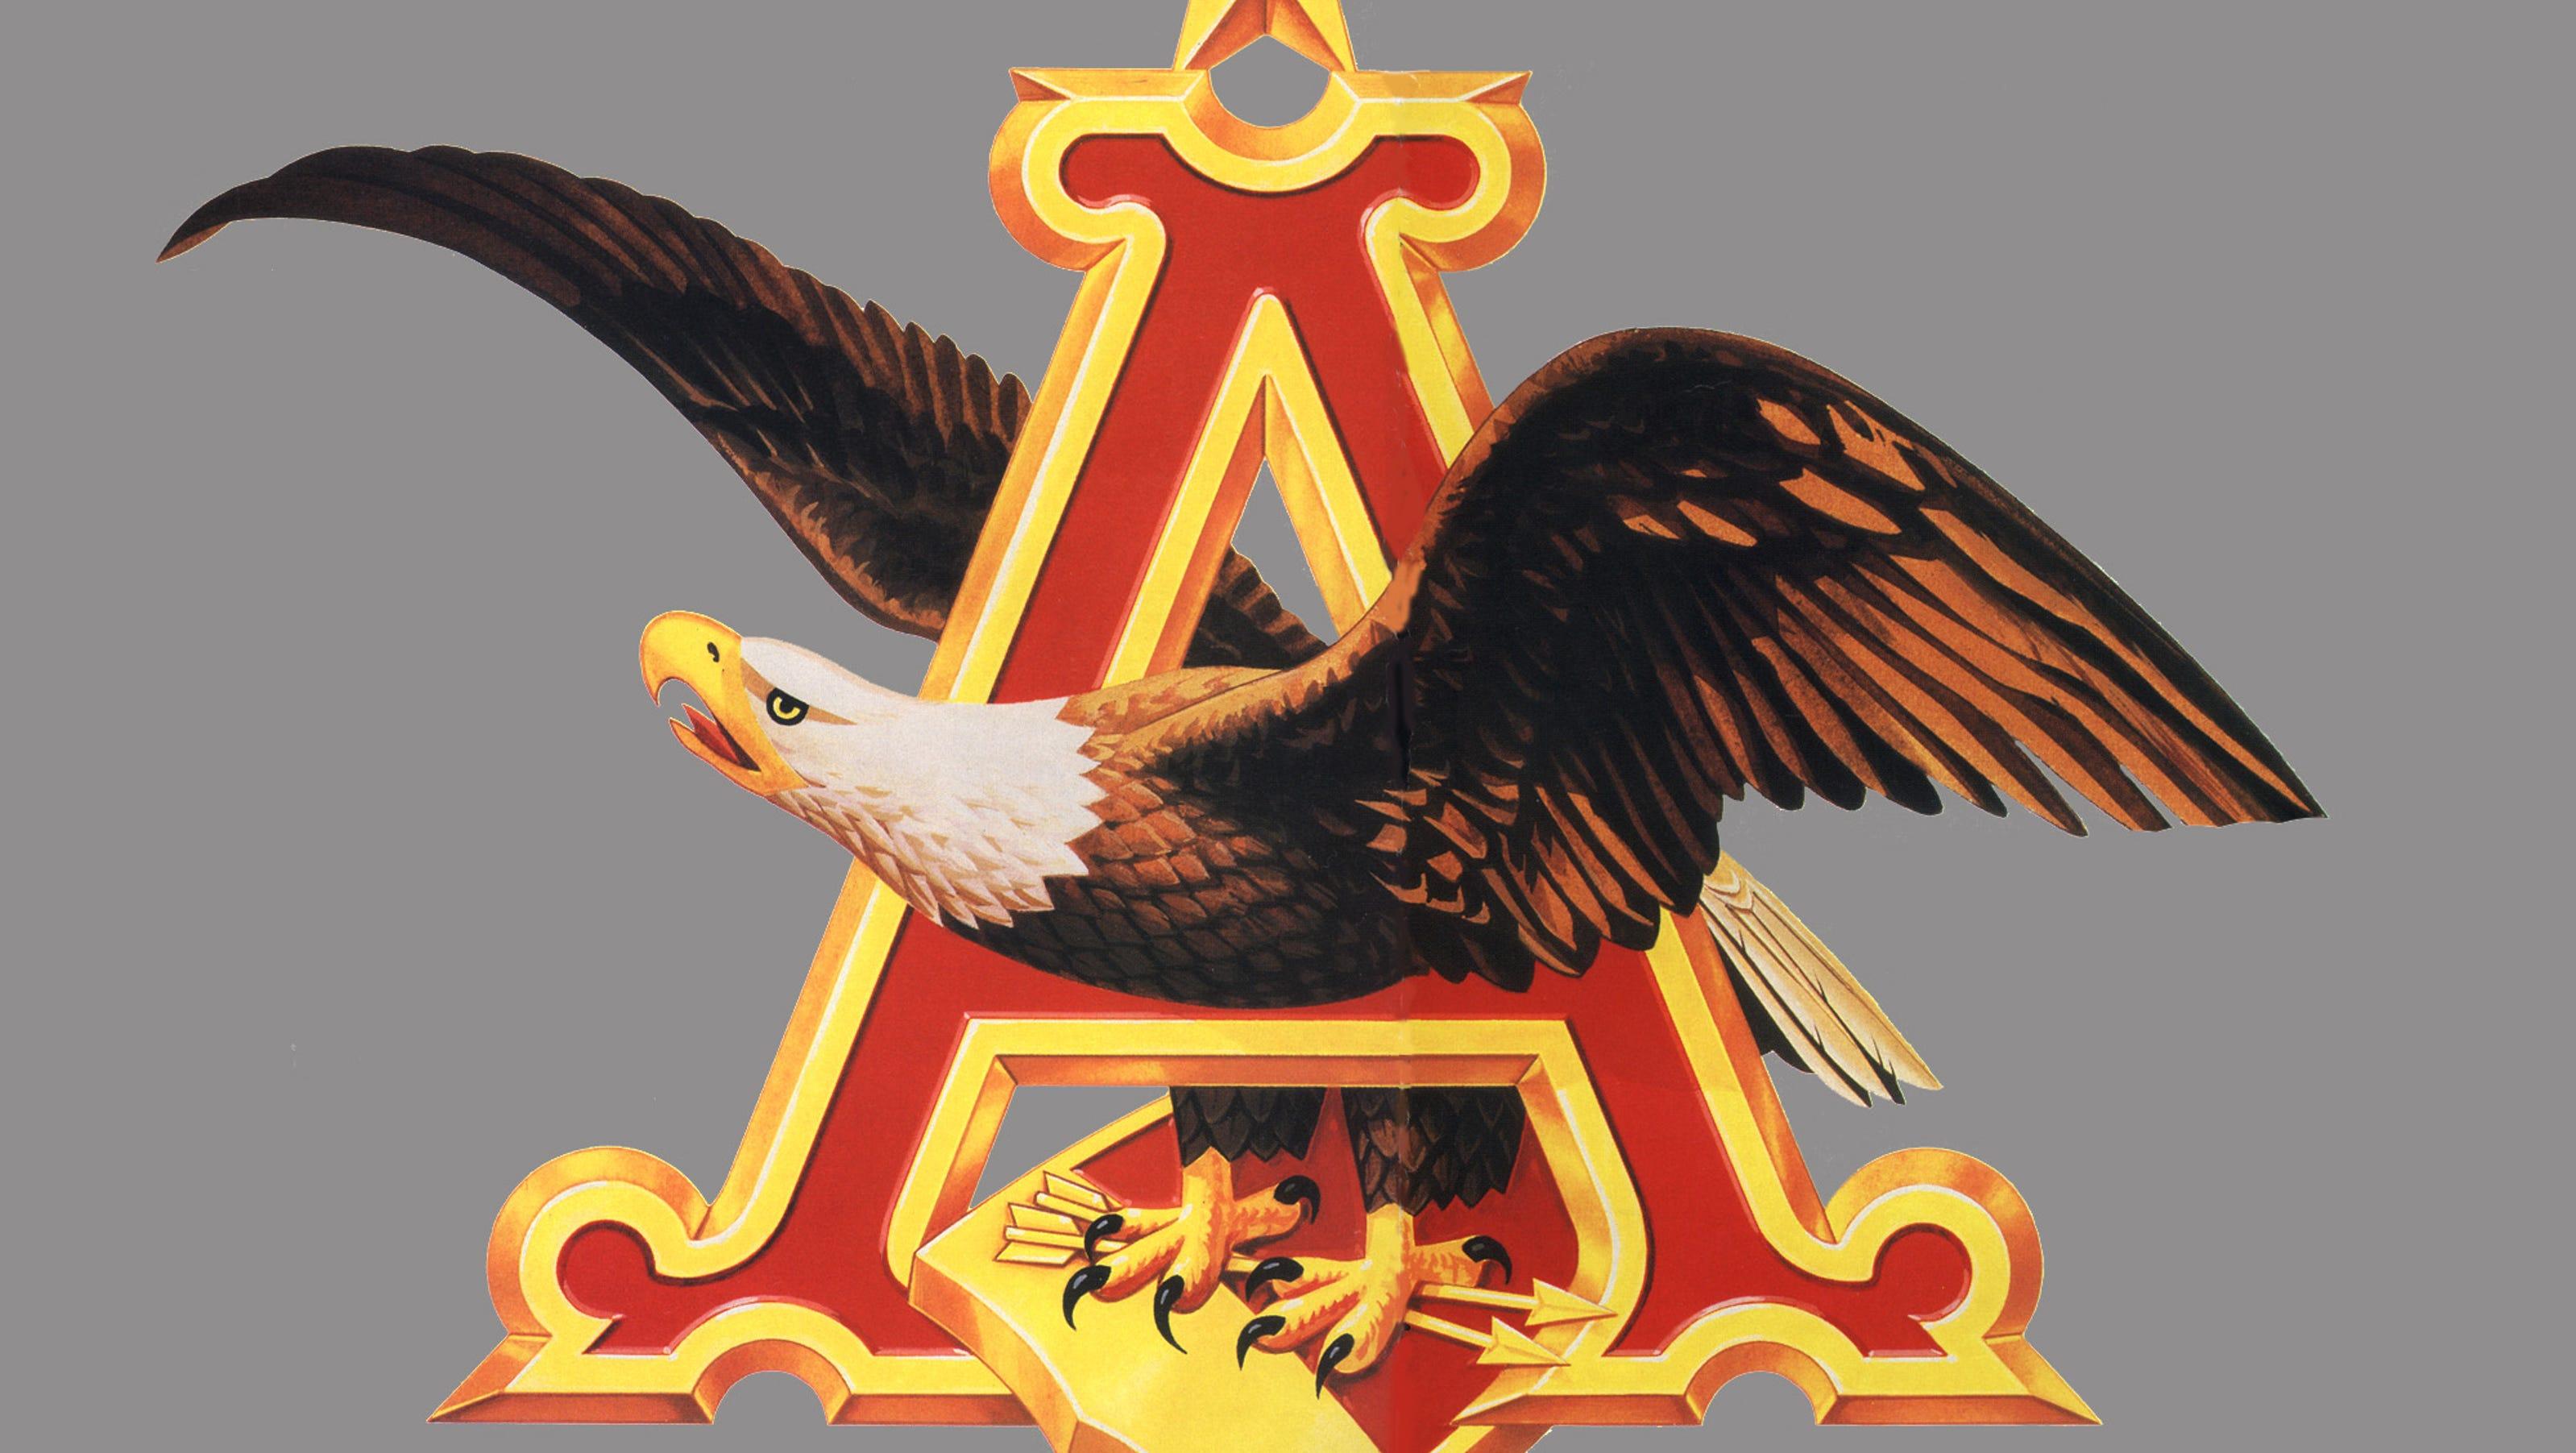 anheuser busch logo - photo #15